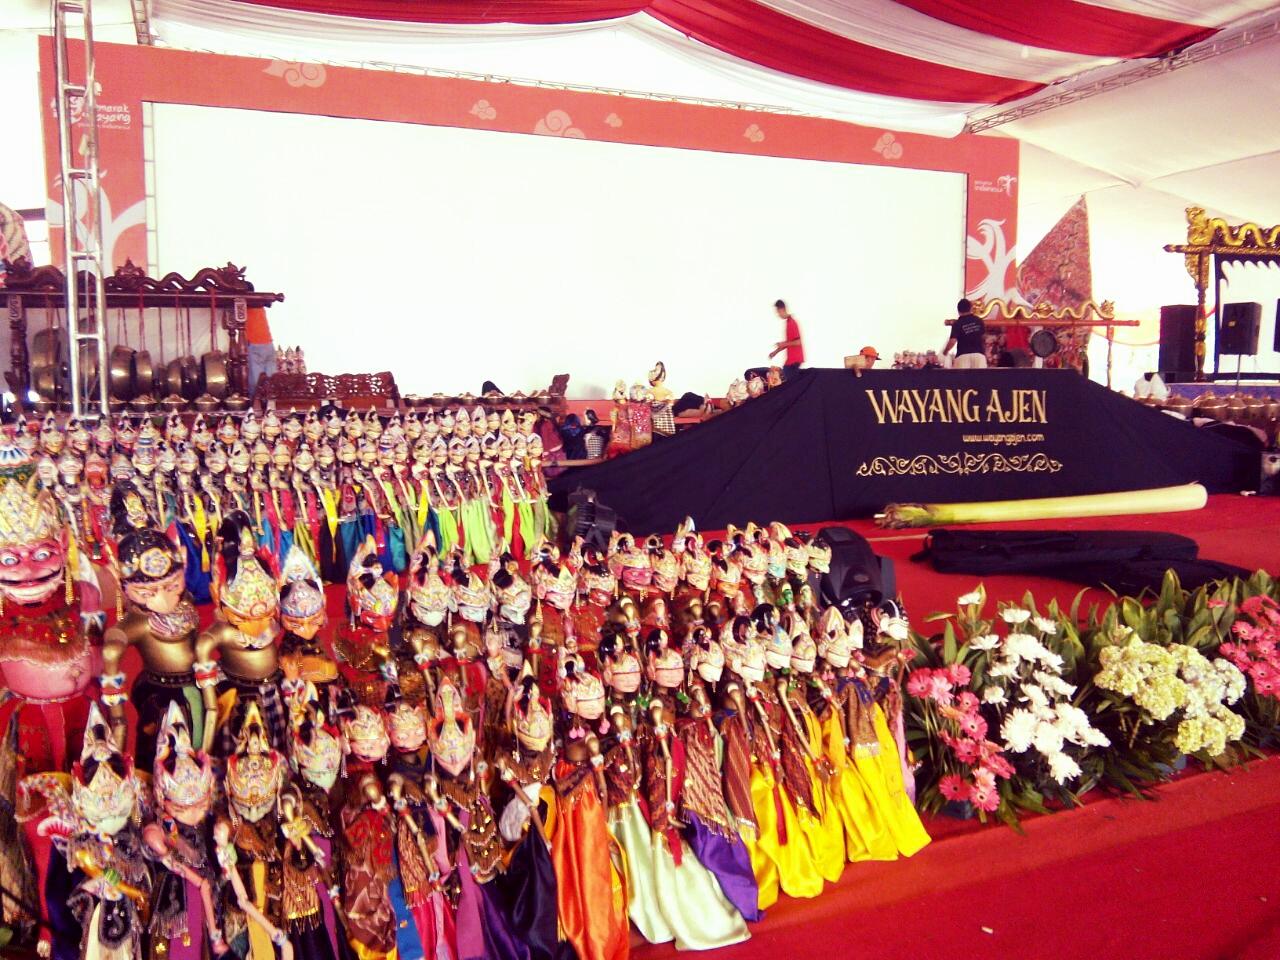 travelplusindonesia  Ini Tujuh Manfaat Nonton Wayang Langsung Buat ... 79b3860321